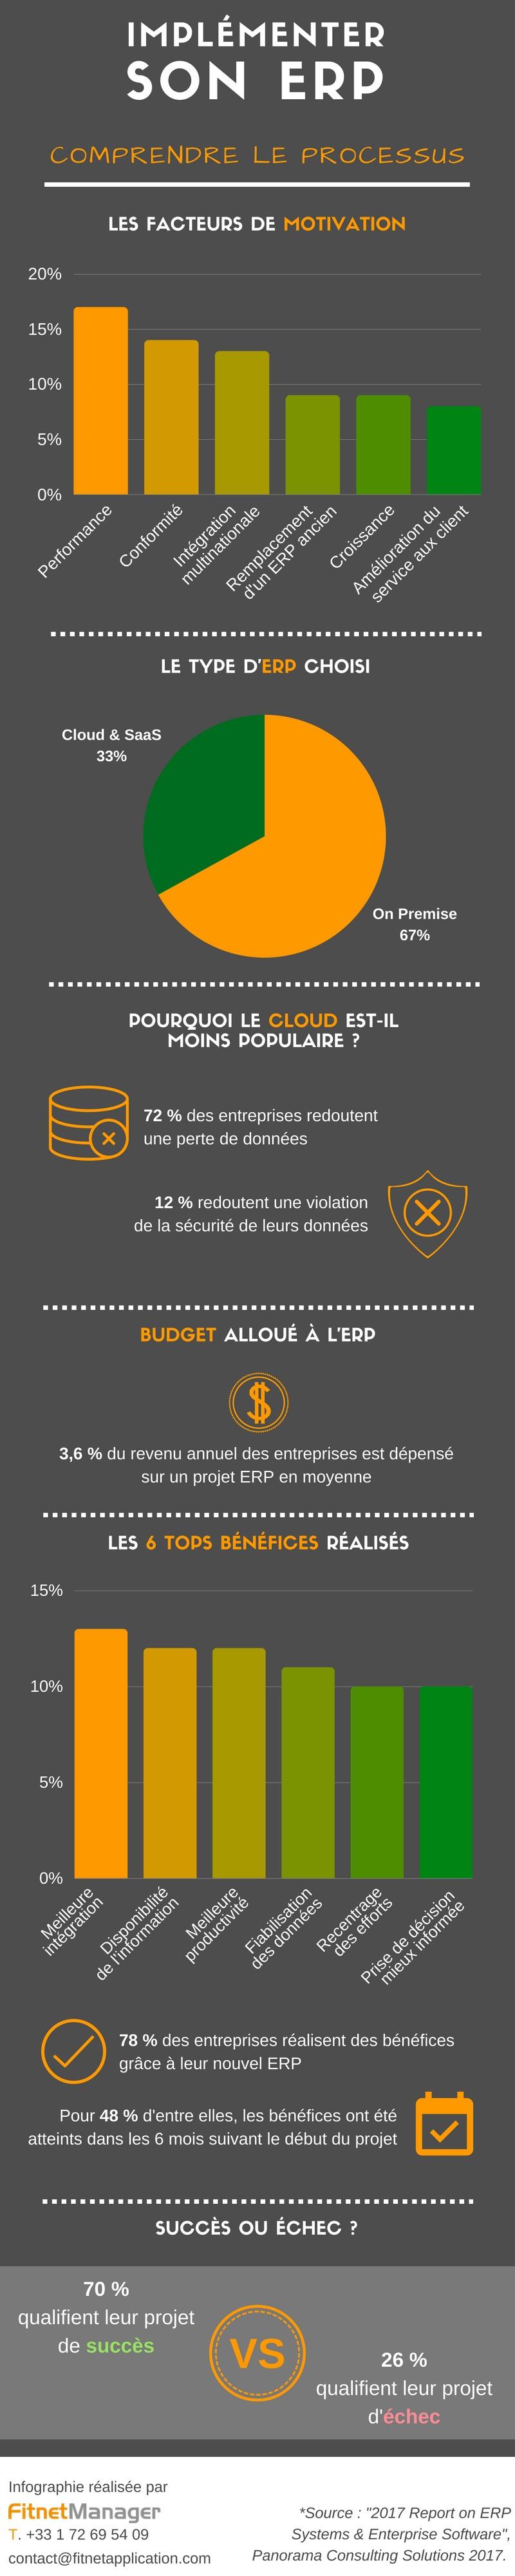 Infographie : Processus d'implémentation ERP